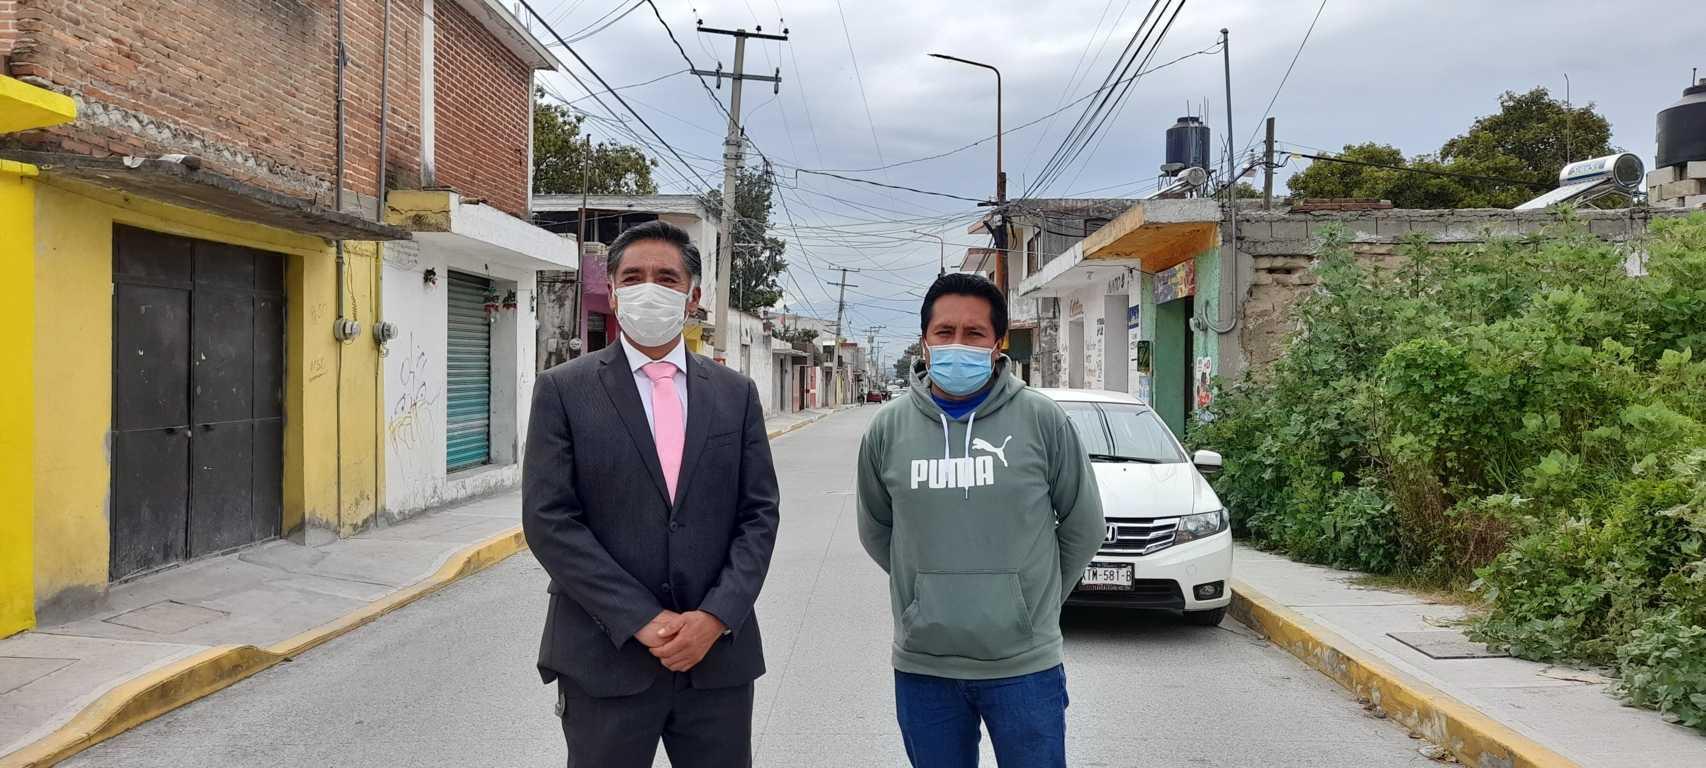 Quedó lista la obra de la calle Emiliano Carranza de Xaltipa -  Papalotla